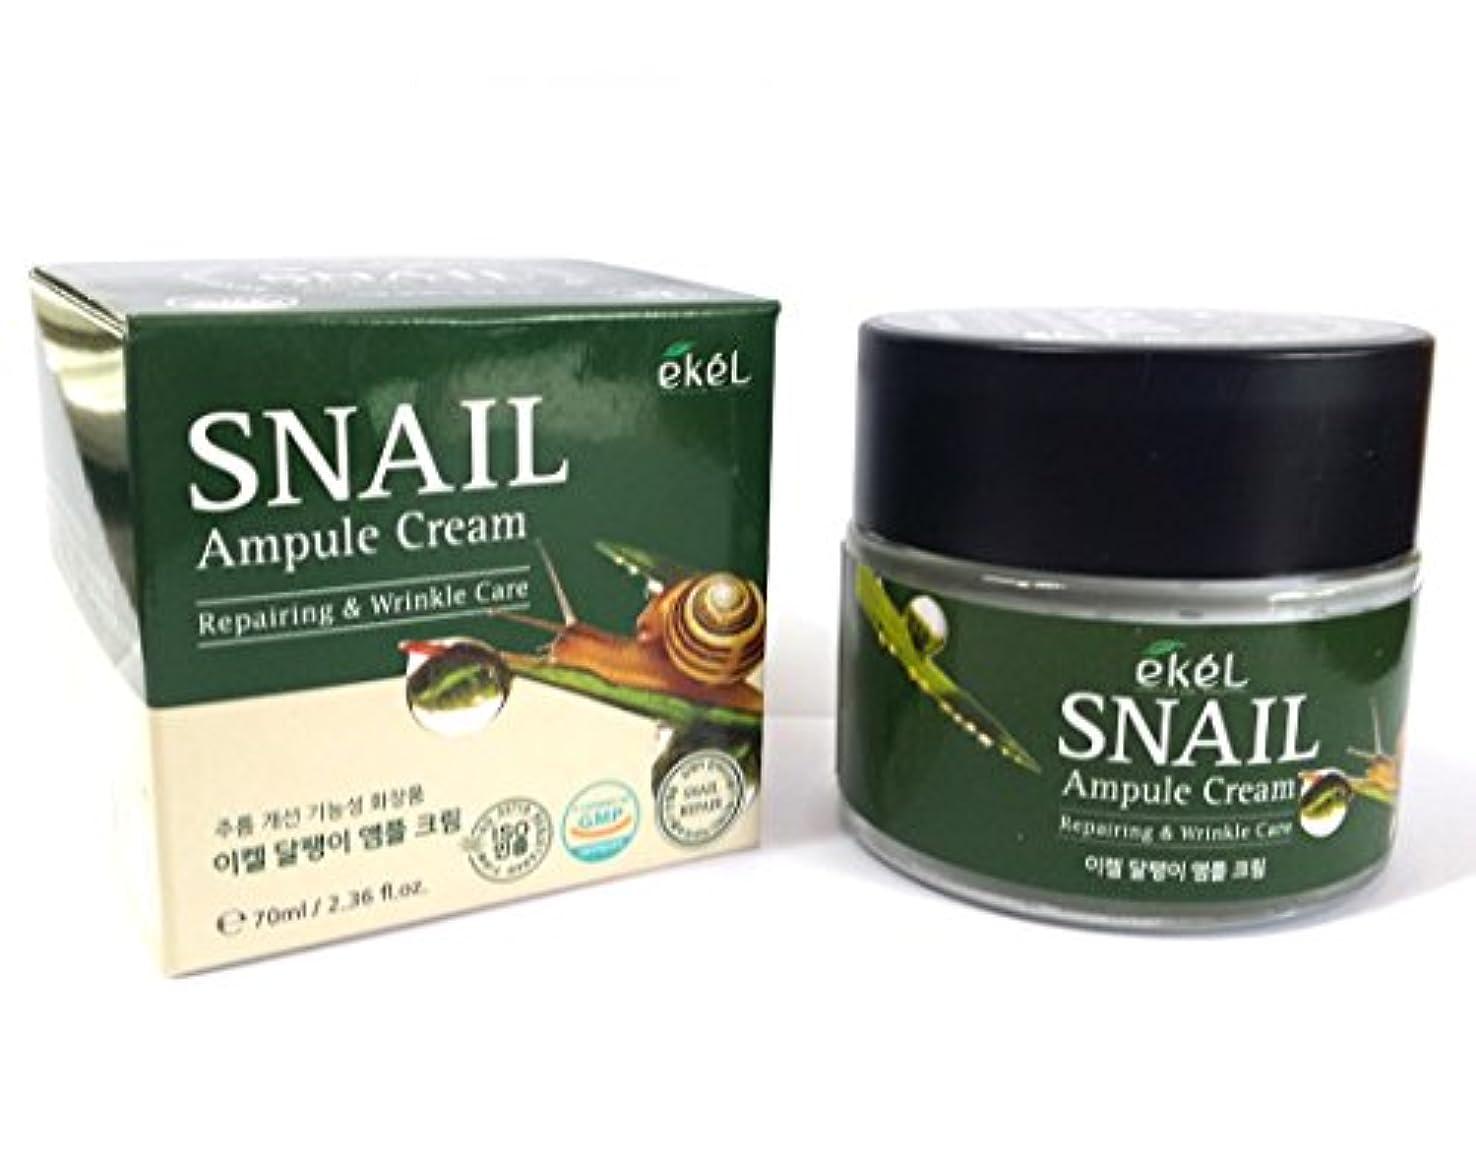 途方もないピアニスト動かない[EKEL] カタツムリアンプルクリーム70ml / Snail Ampule Cream 70ml / / リペアリング&リンクルケア / ハイドレーティングクリーム / Repairing & Wrinkle Care...